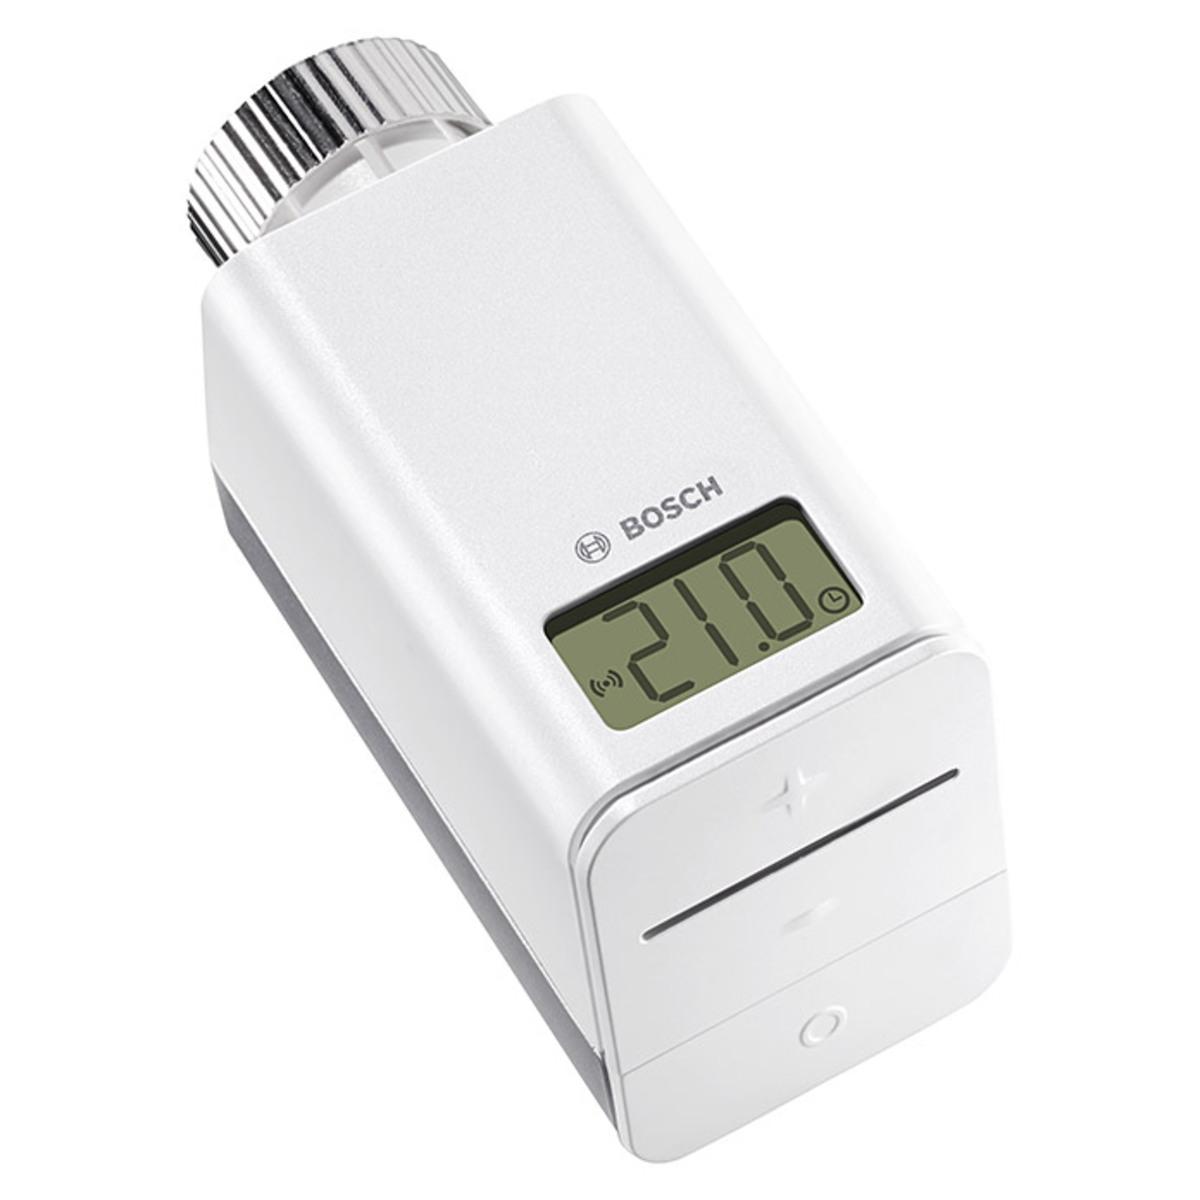 Bild 1 von Bosch Smart Home Thermostatkopf